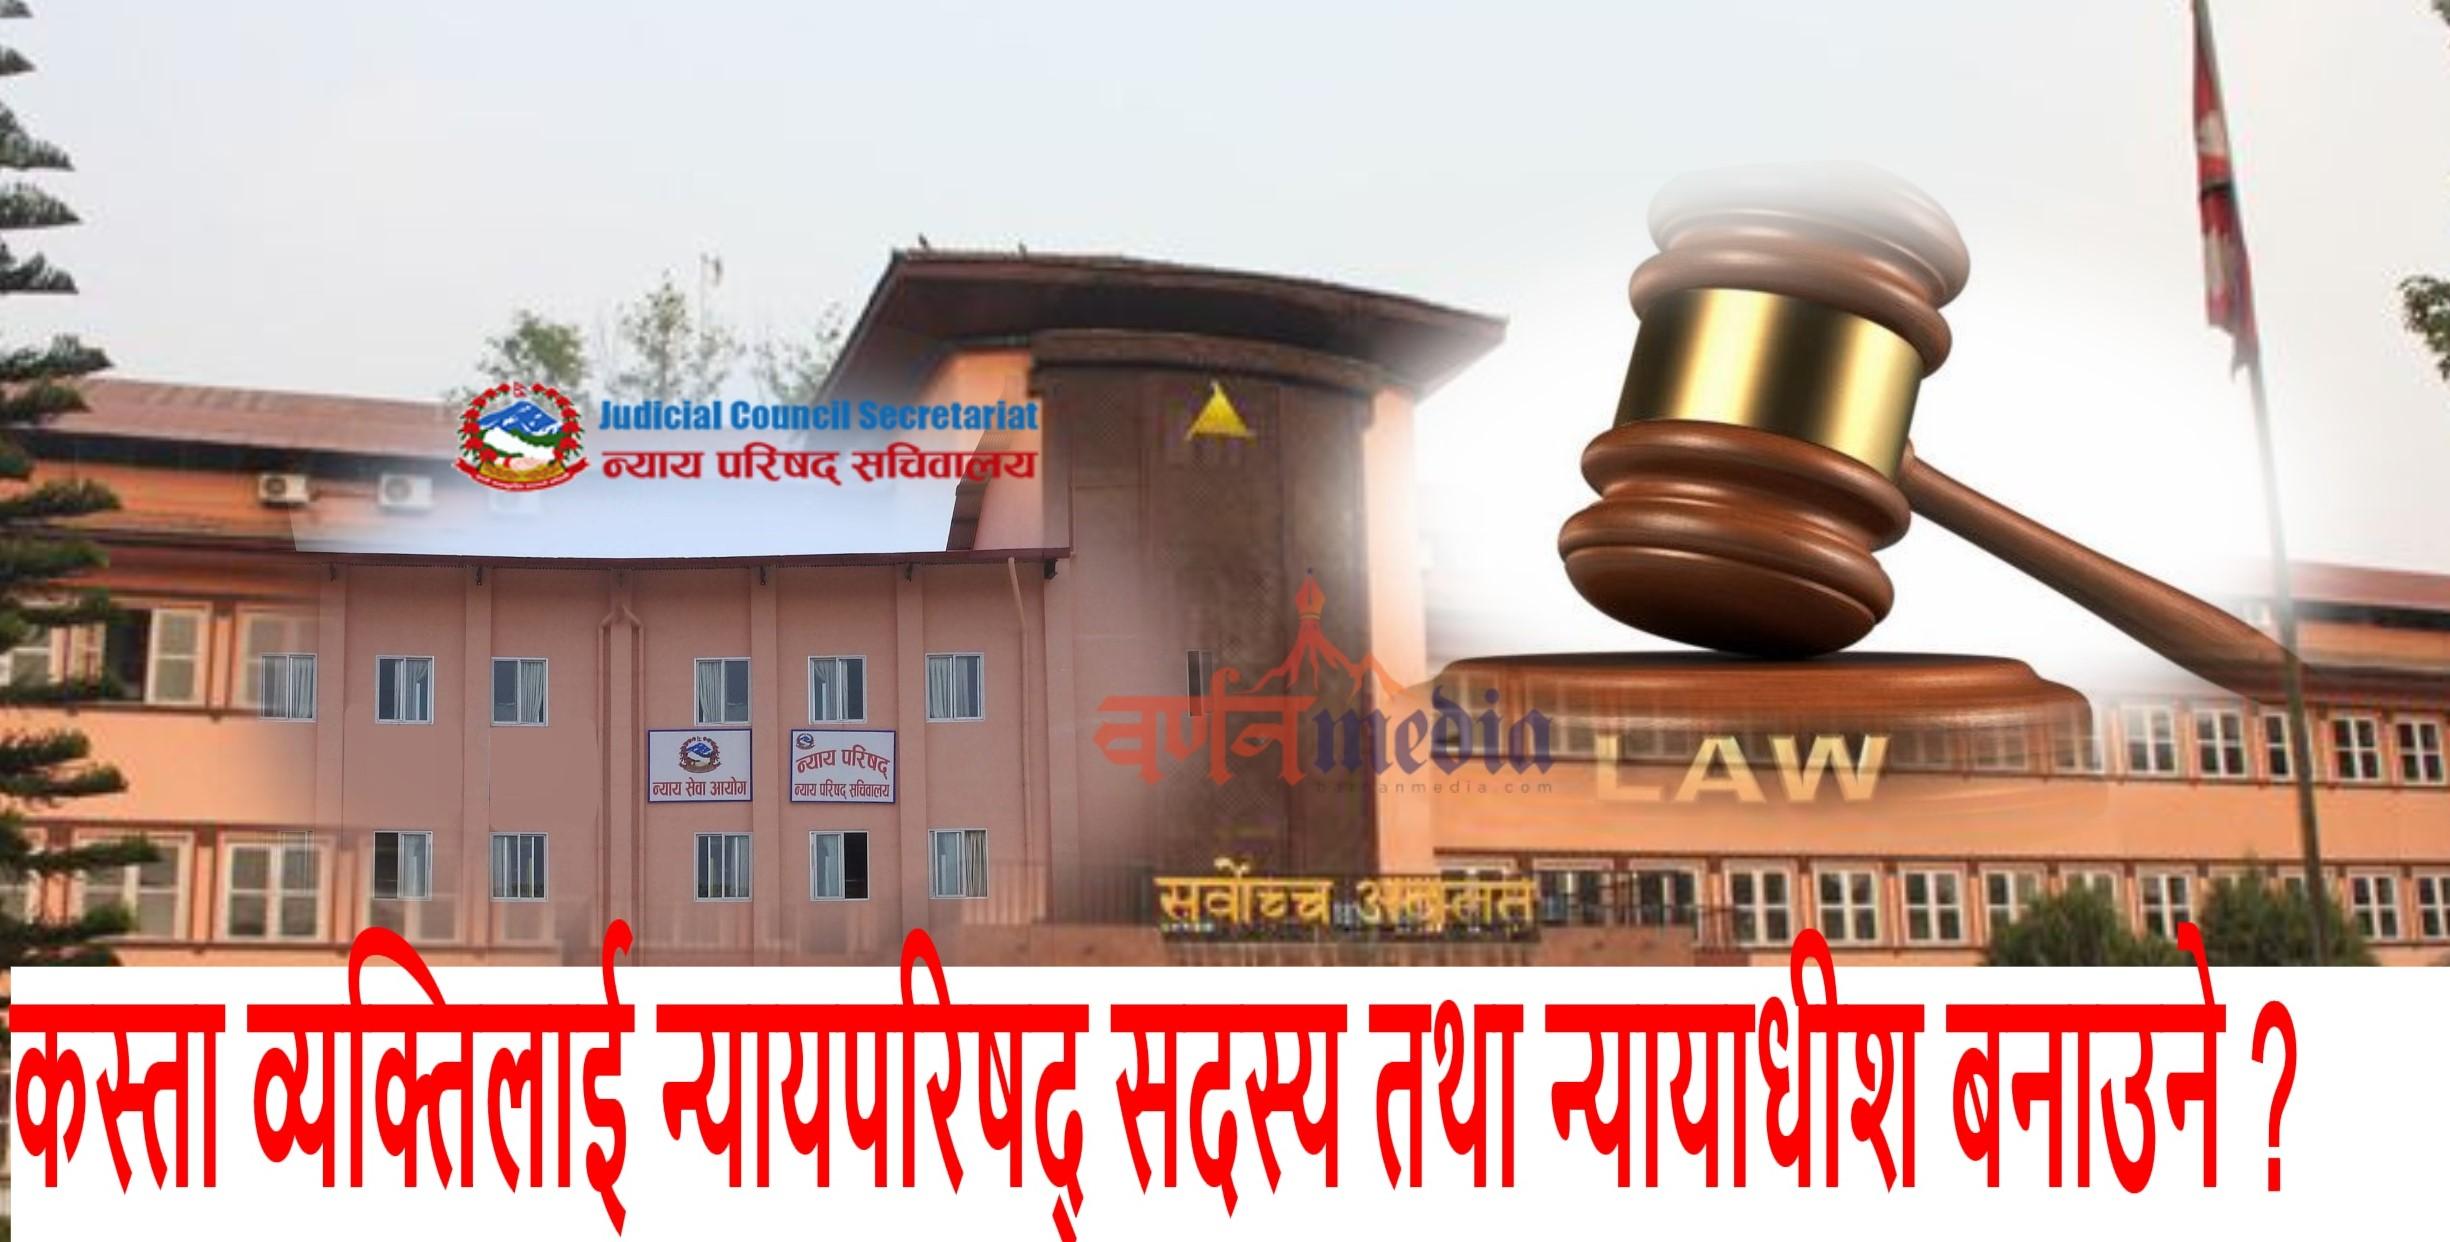 कस्ता व्यक्तिलाई न्यायपरिषद् सदस्य तथा न्यायाधीश बनाउने ?